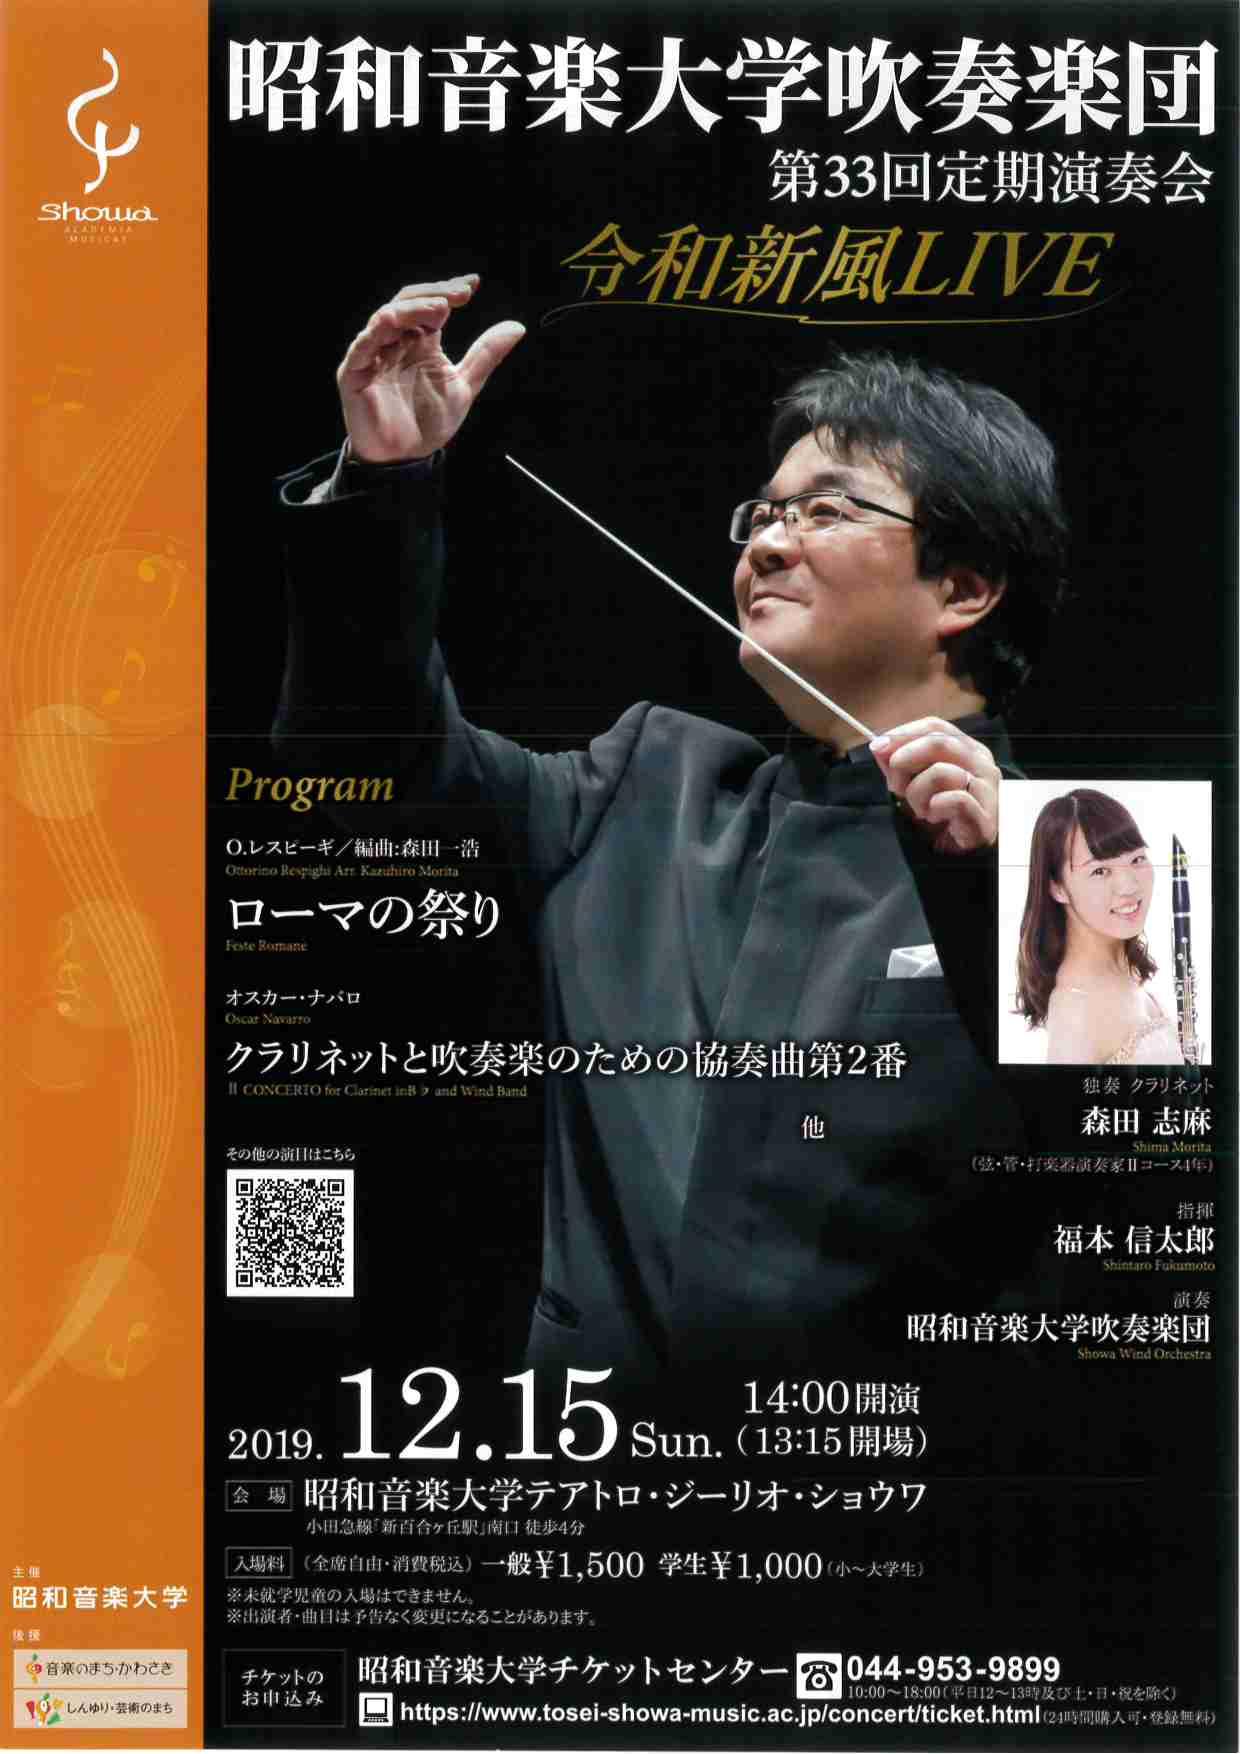 昭和音楽大学吹奏楽団 第33回定期演奏会 令和新風LIVE